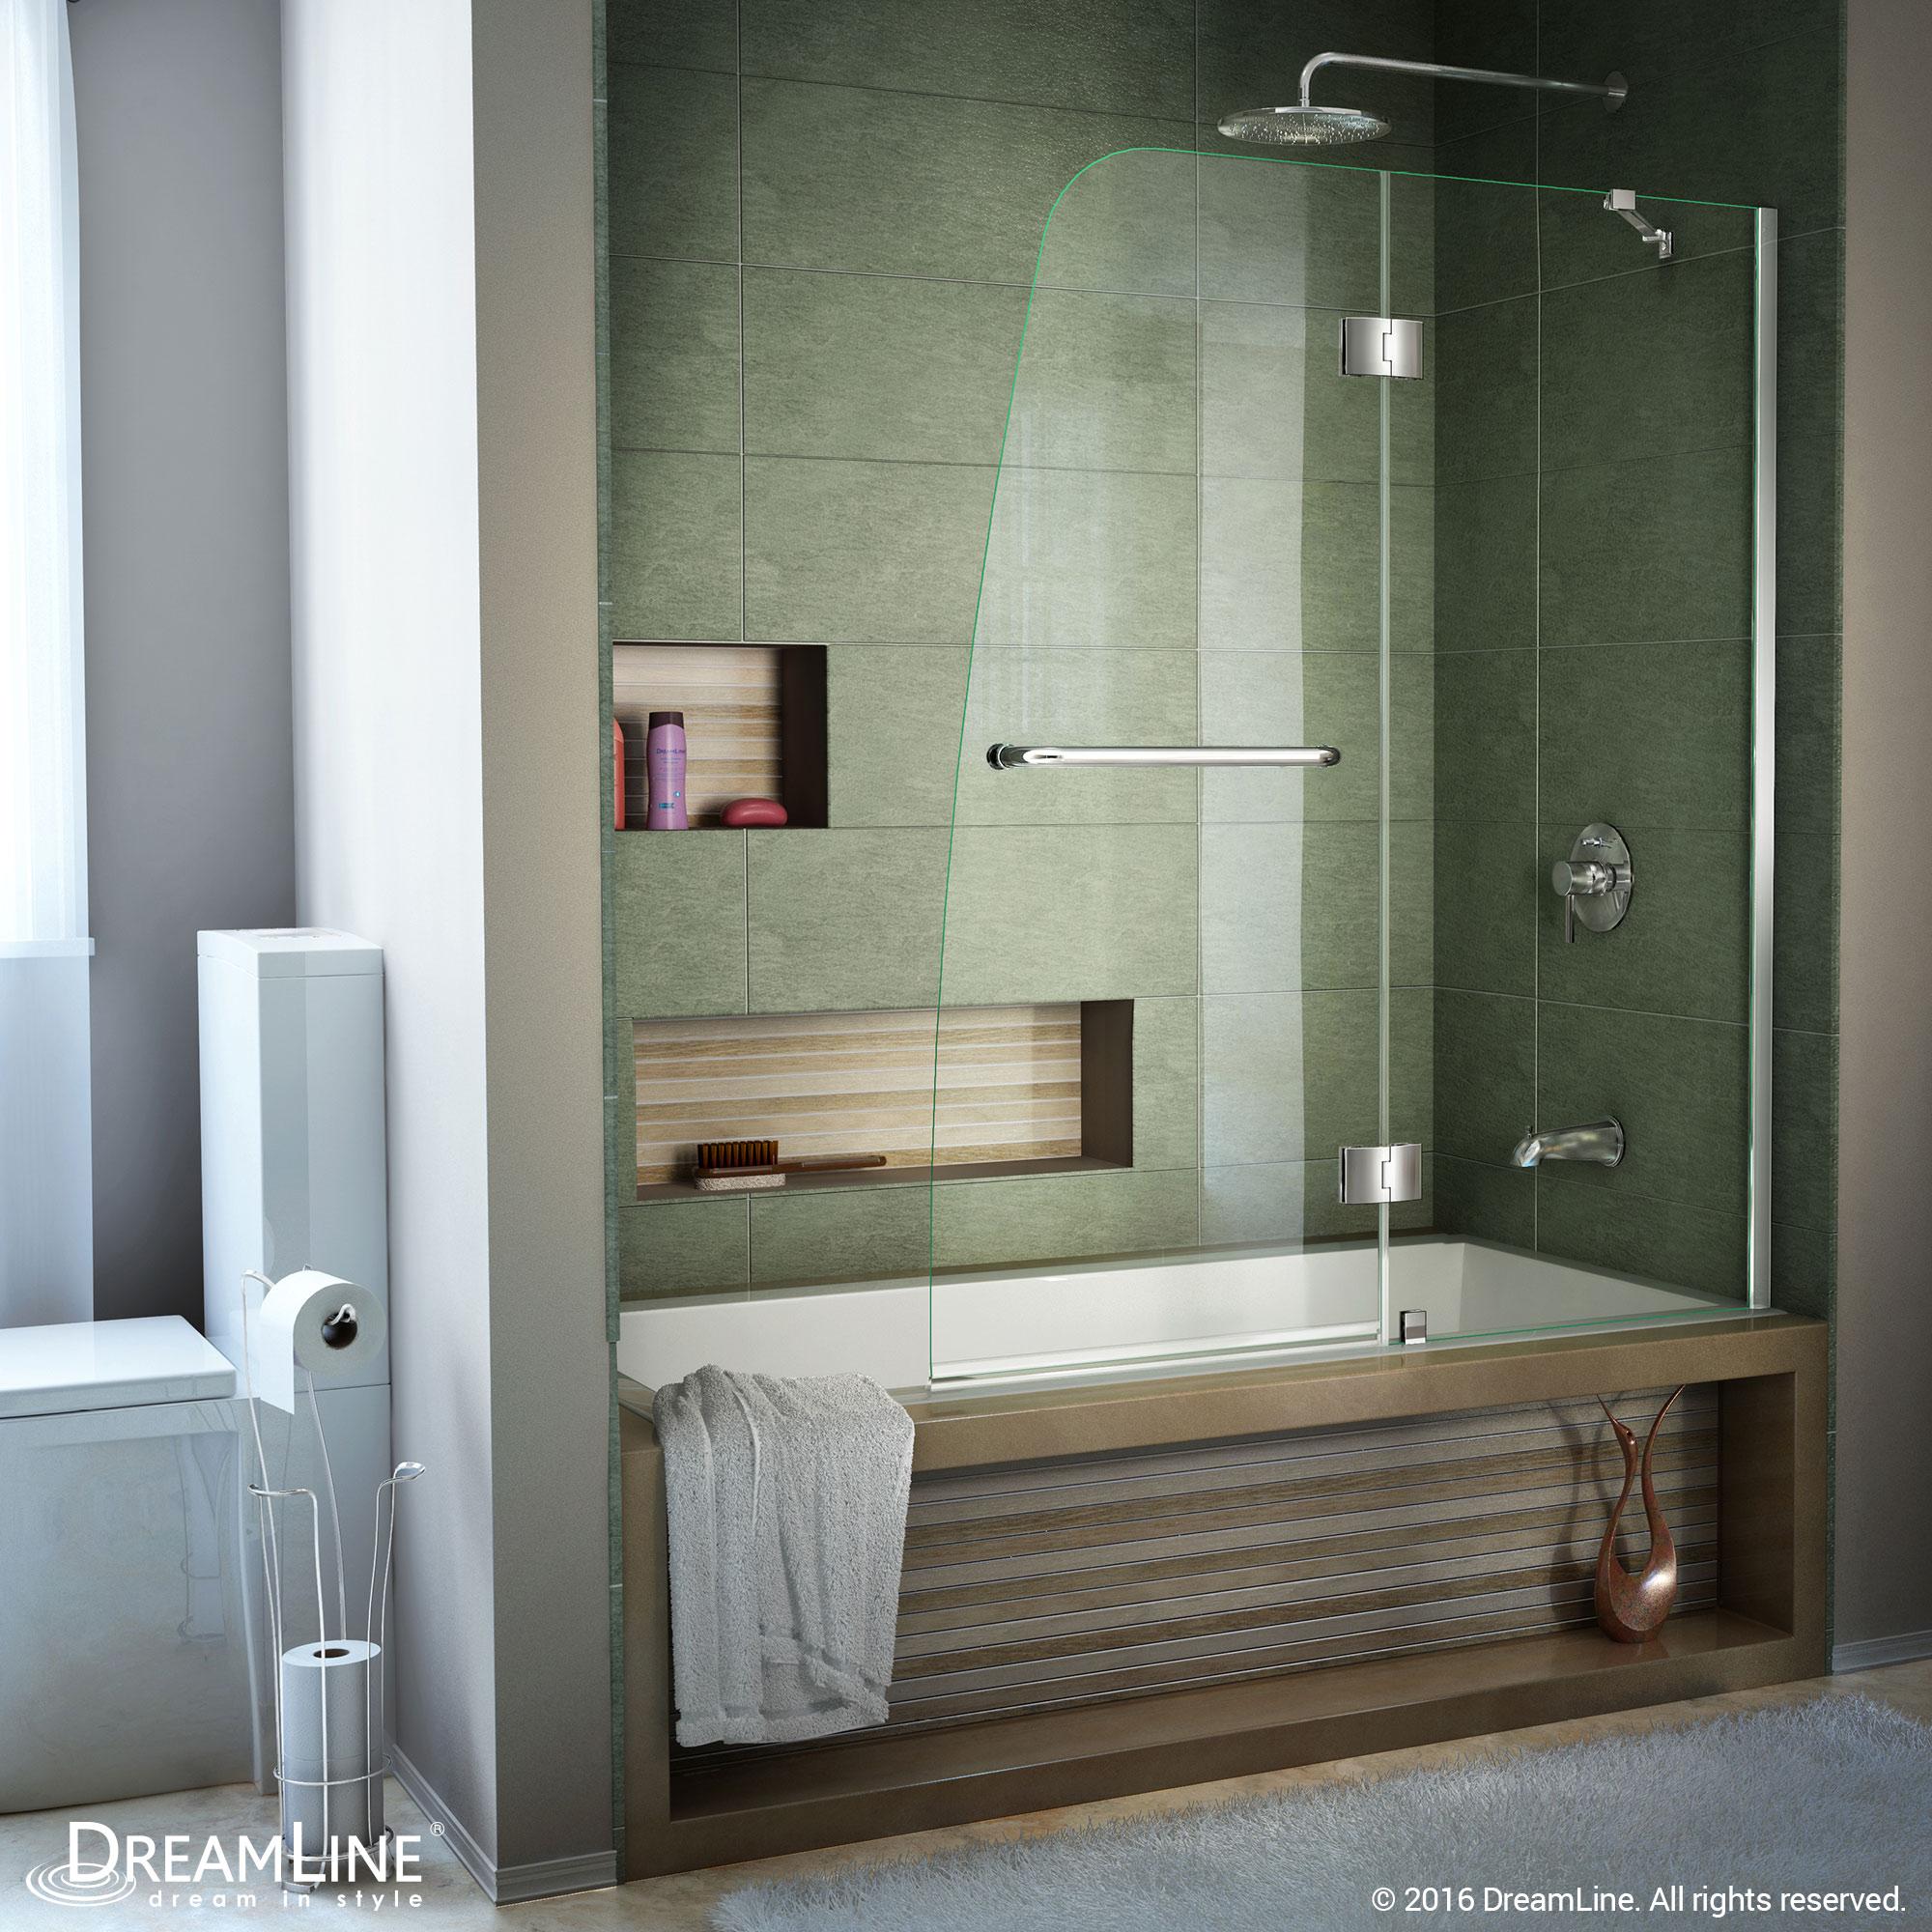 DreamLine Aqua 48 in. W x 58 in. H Frameless Hinged Tub Door in Brushed Nickel